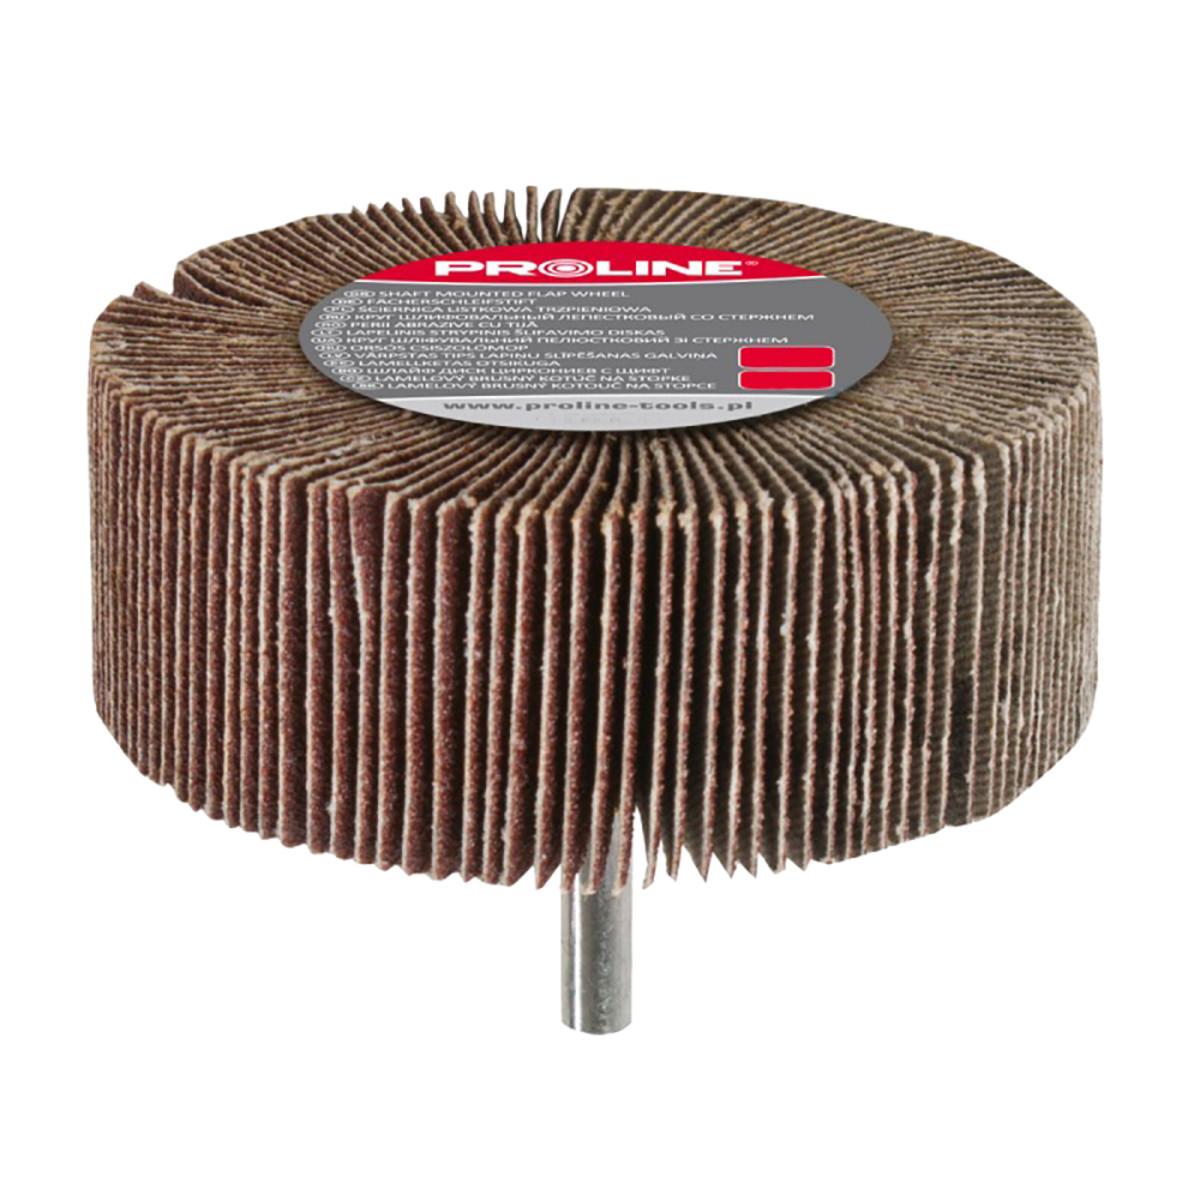 Шлифовальная головка Proline 44821 40х20 мм лепестковая (40 ед)